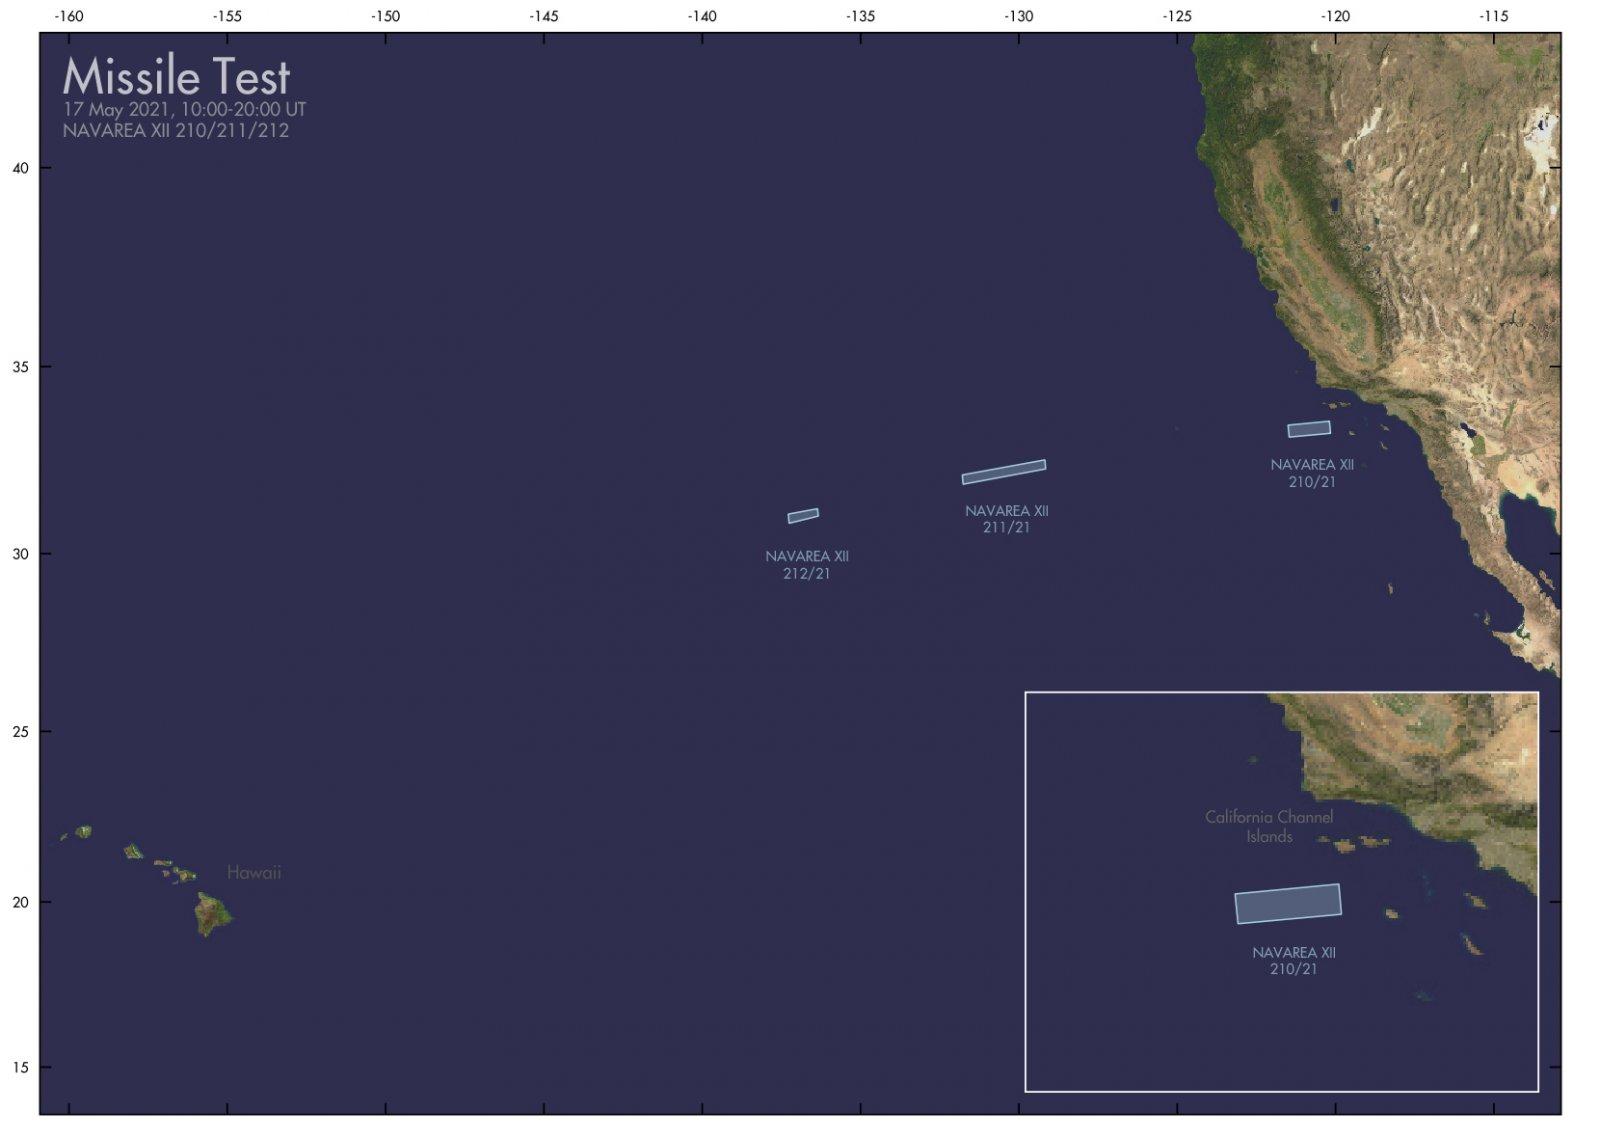 Screenshot 2021-05-11 23.05.46.jpg